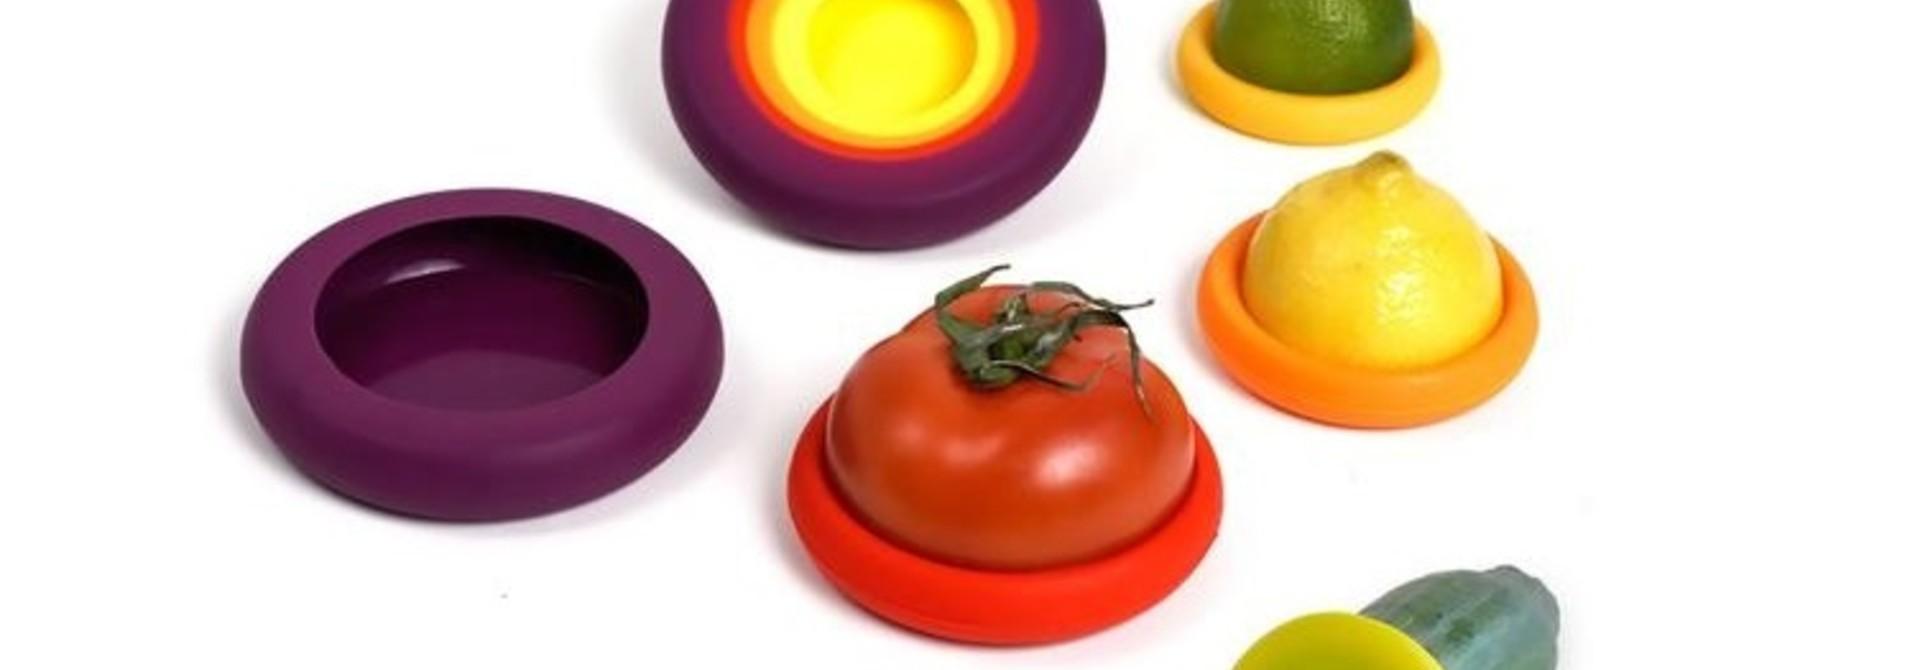 Food Huggers - Herfst kleuren - set van 5